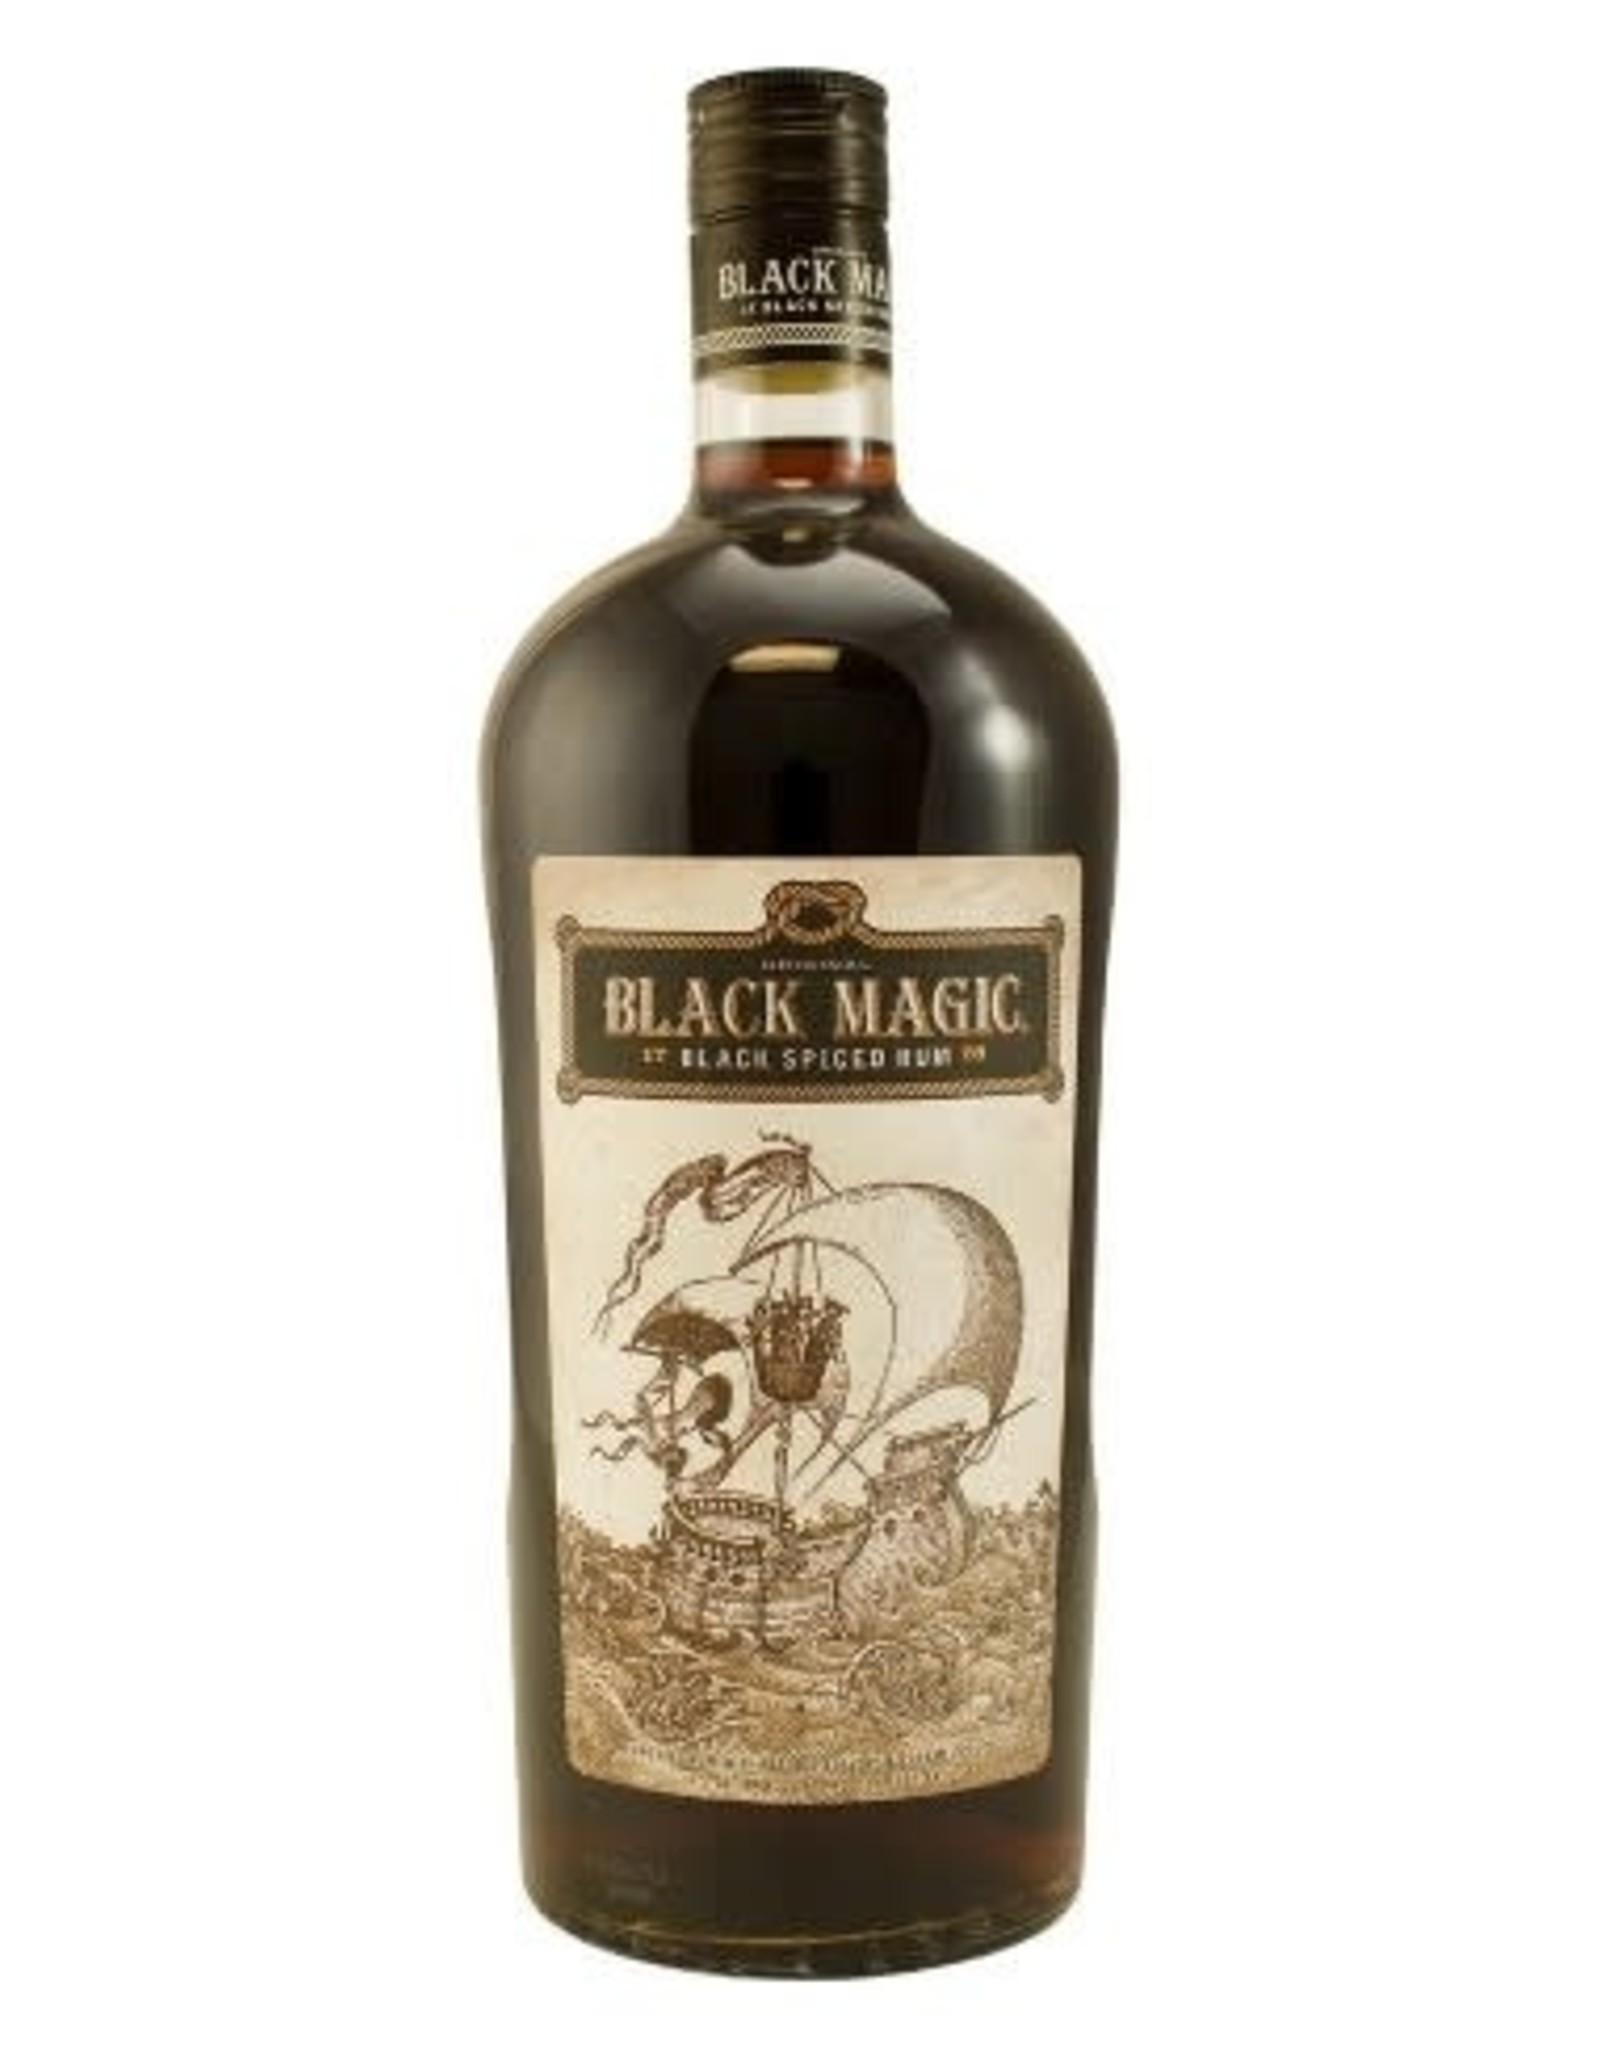 Black Magic Black Magic Rum 1.75L